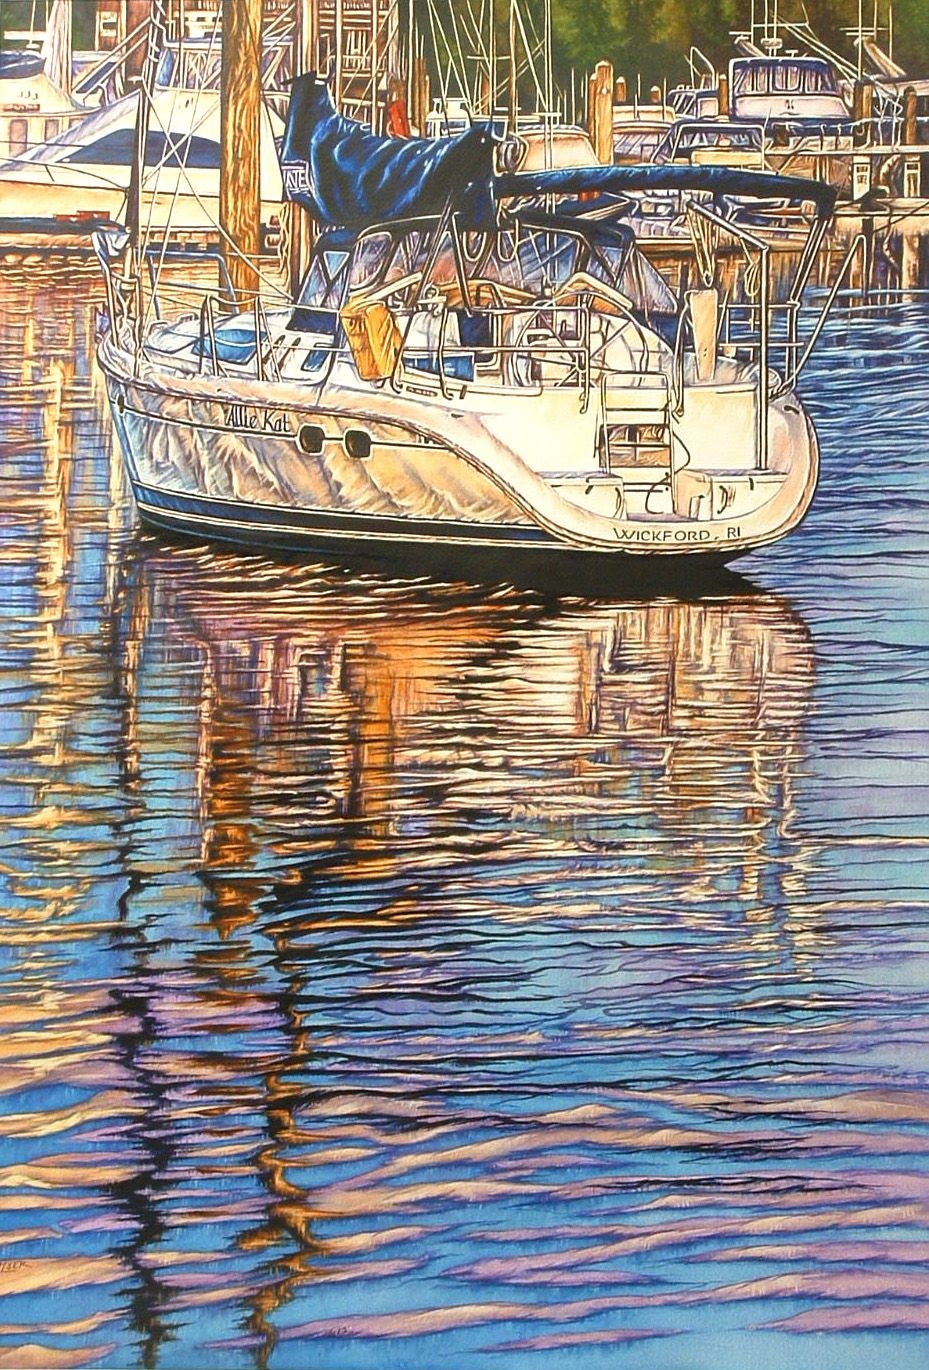 """""""ALLIE KAT"""" by Beth Palser  Original Watercolor  Image: 29 1/2"""" x 20 1/2""""Framed: 38"""" x 29"""""""